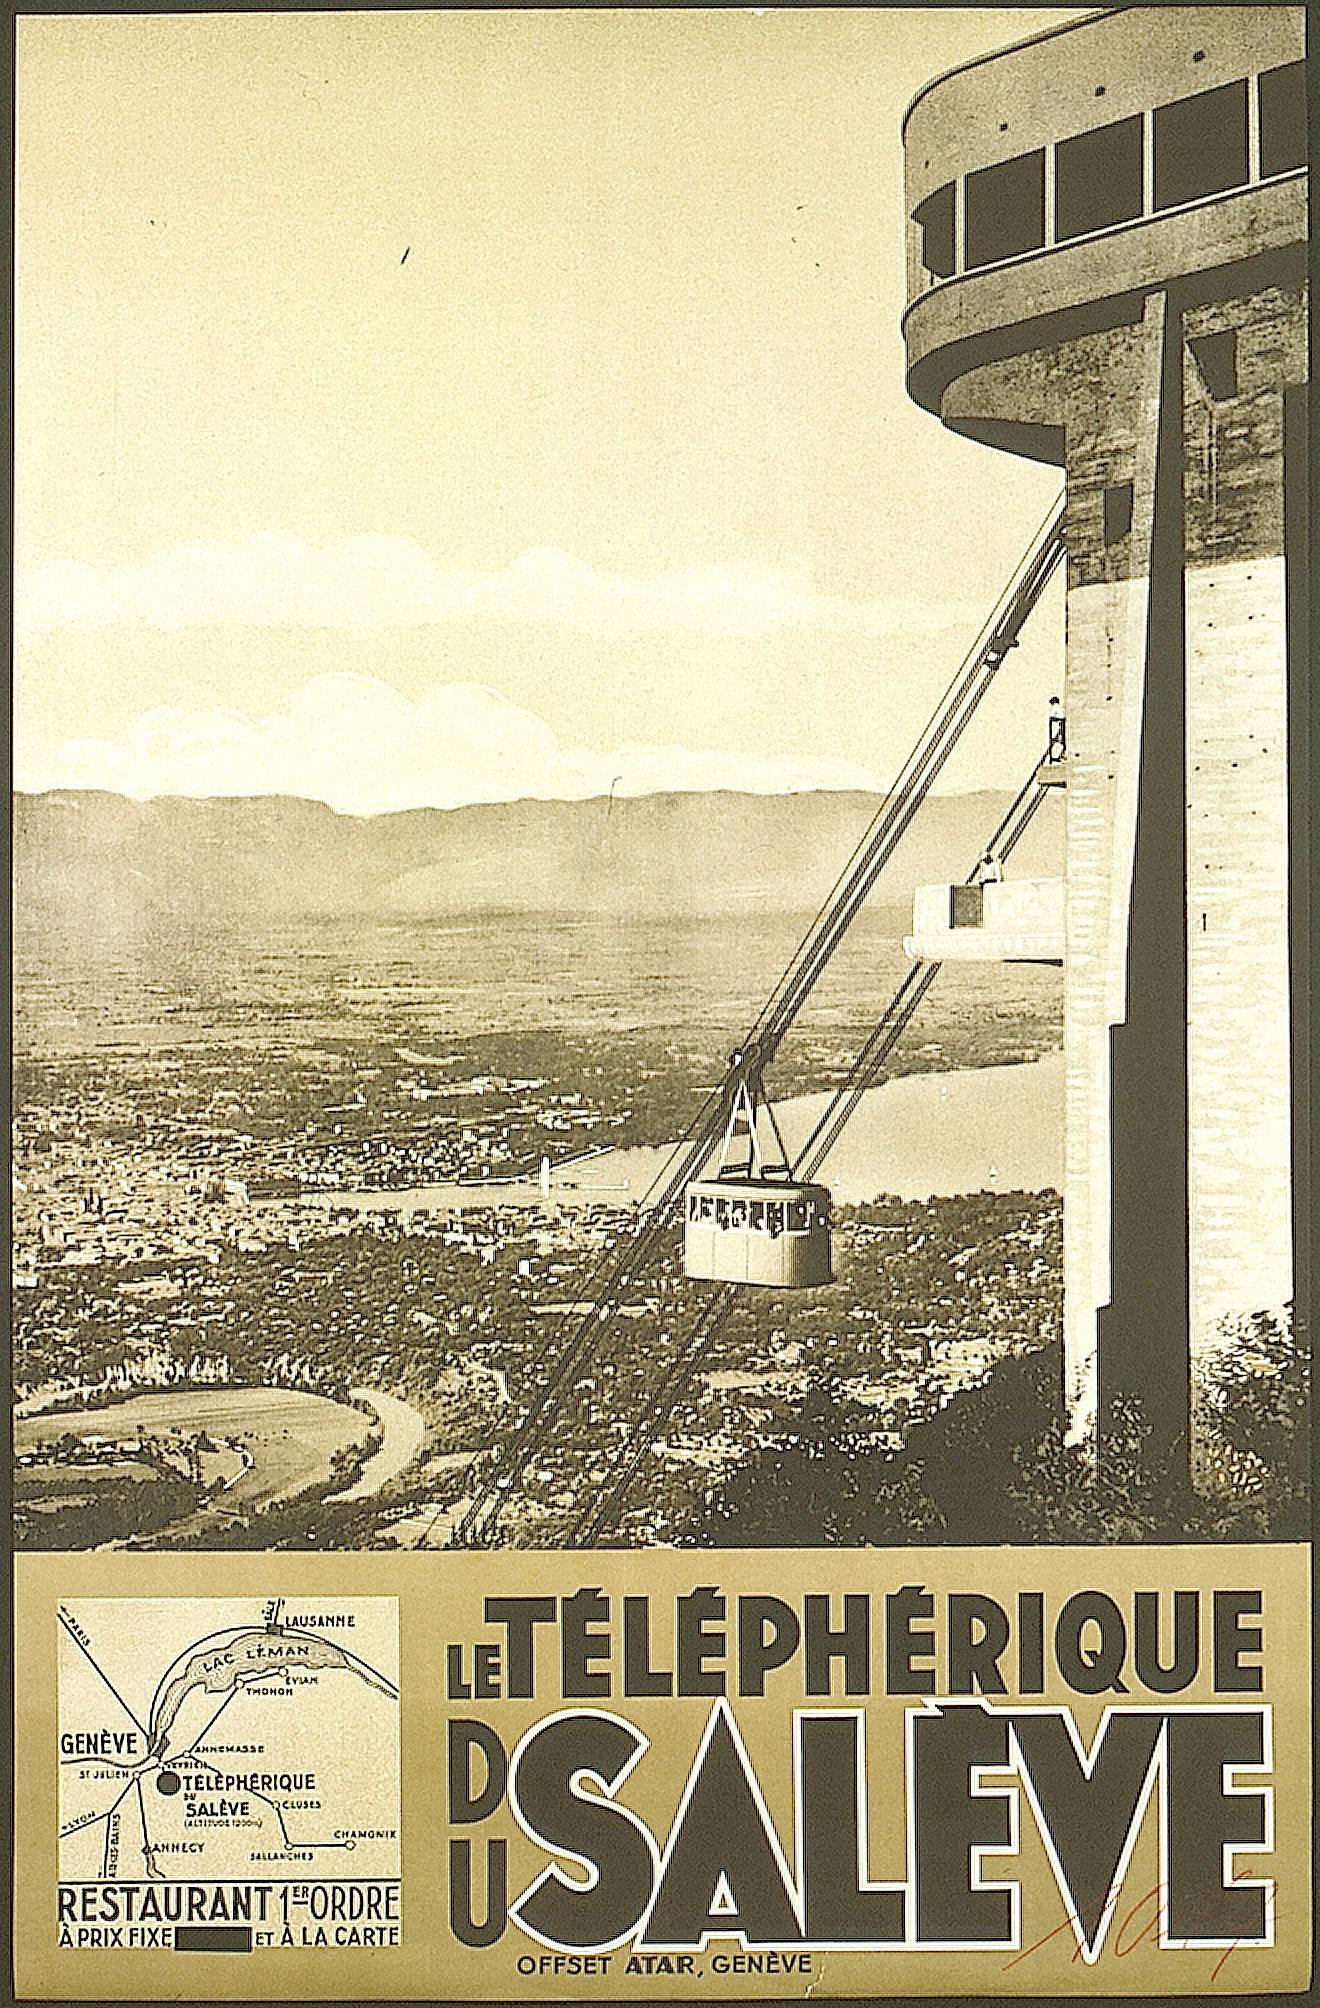 affiche_telephérique_saleve